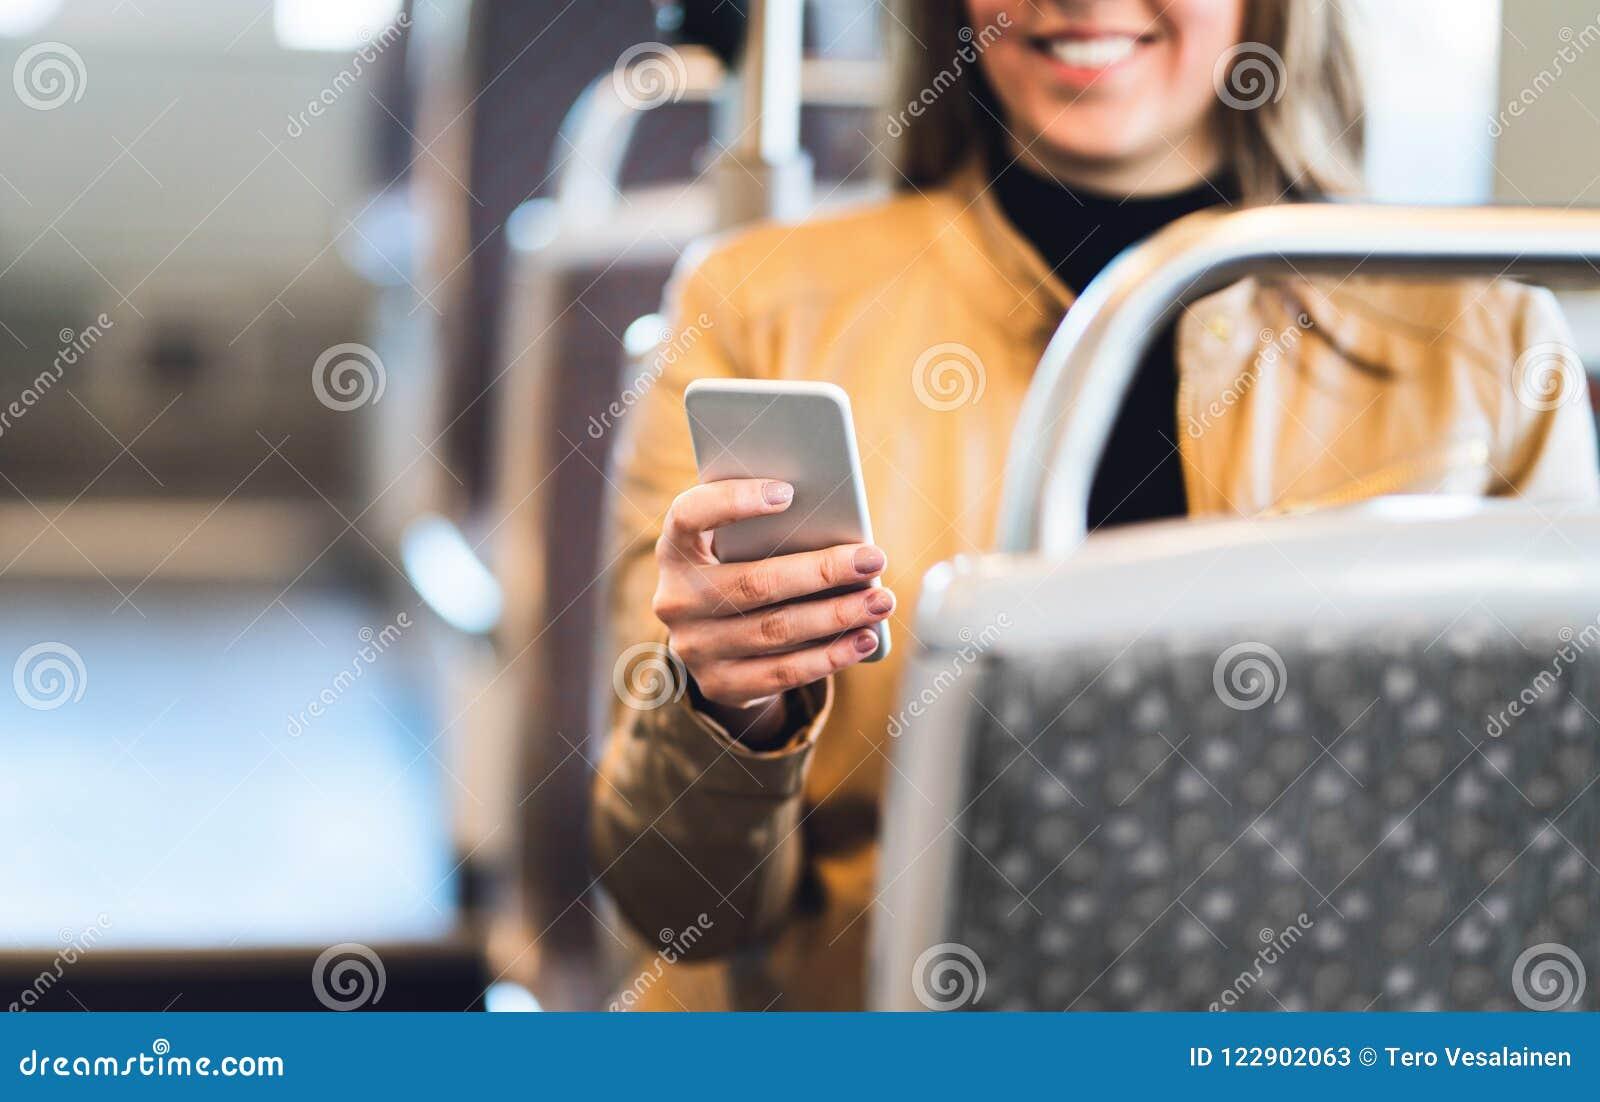 Χαμογελώντας γυναίκα που χρησιμοποιεί το smartphone στο τραίνο, τον υπόγειο, το λεωφορείο ή το τραμ